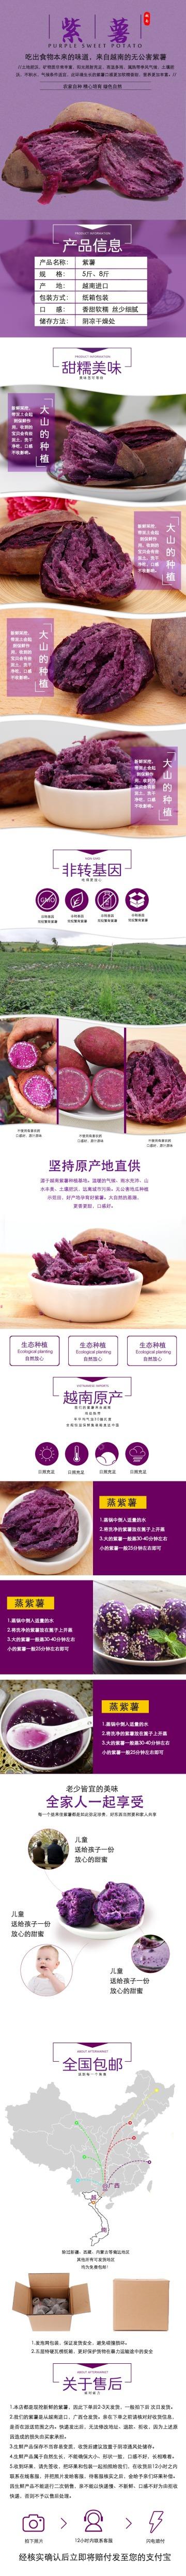 健康自然越南无公害紫薯电商详情图